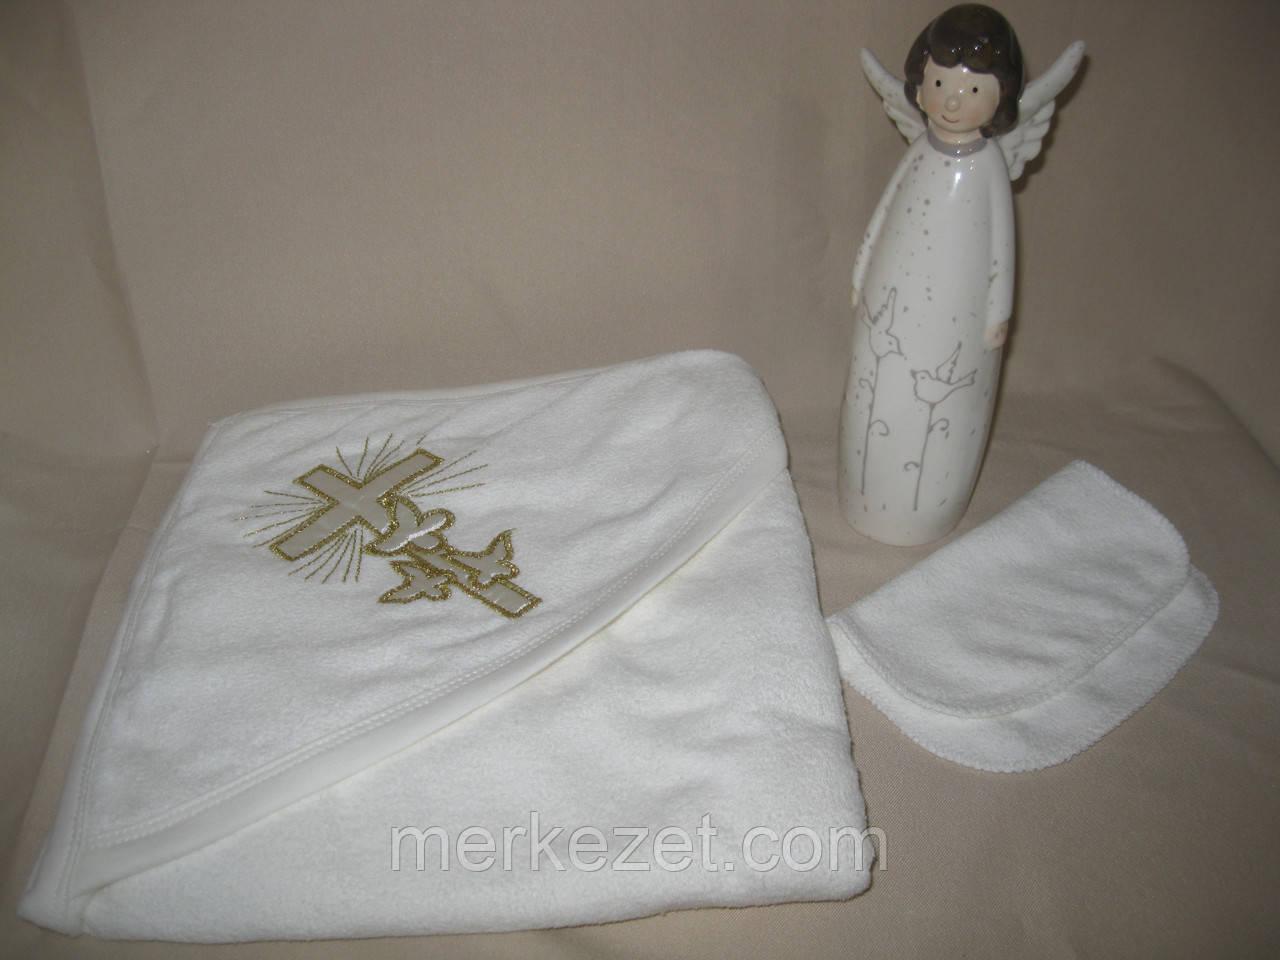 """Крыжма для крещения ребенка """"Иван и Иванка"""". Полотенце крестильное. Крыжмы. Крещение"""